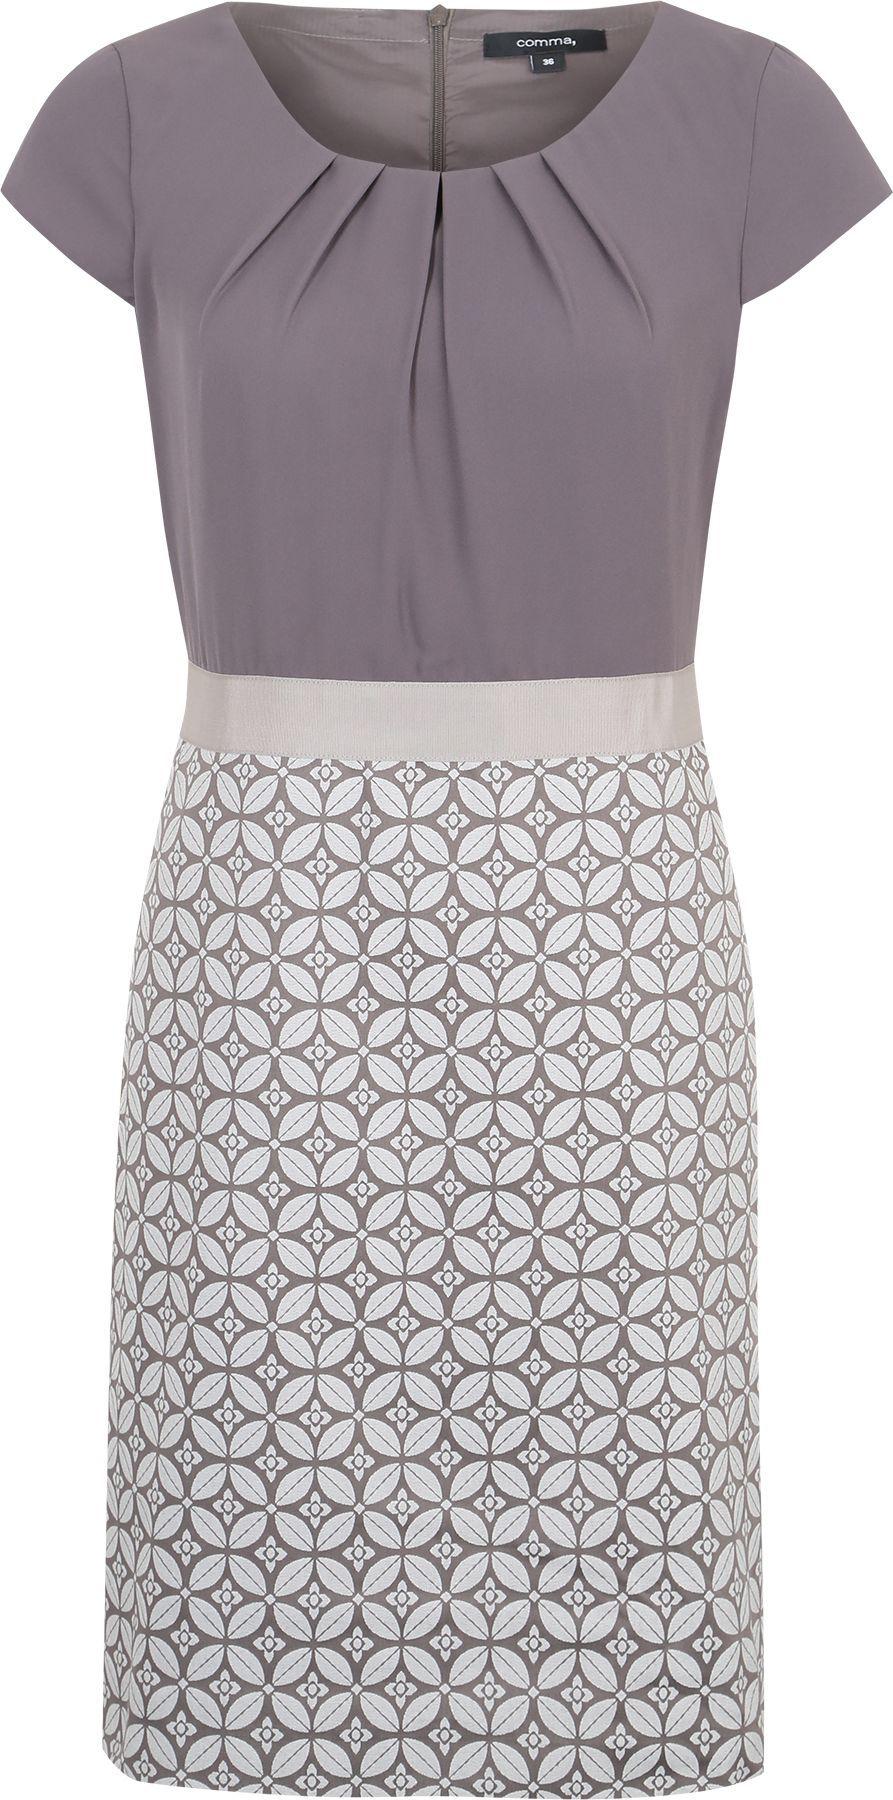 Kleid Mit Gemustertem Rockteil Kleider Cocktailkleid Outfit